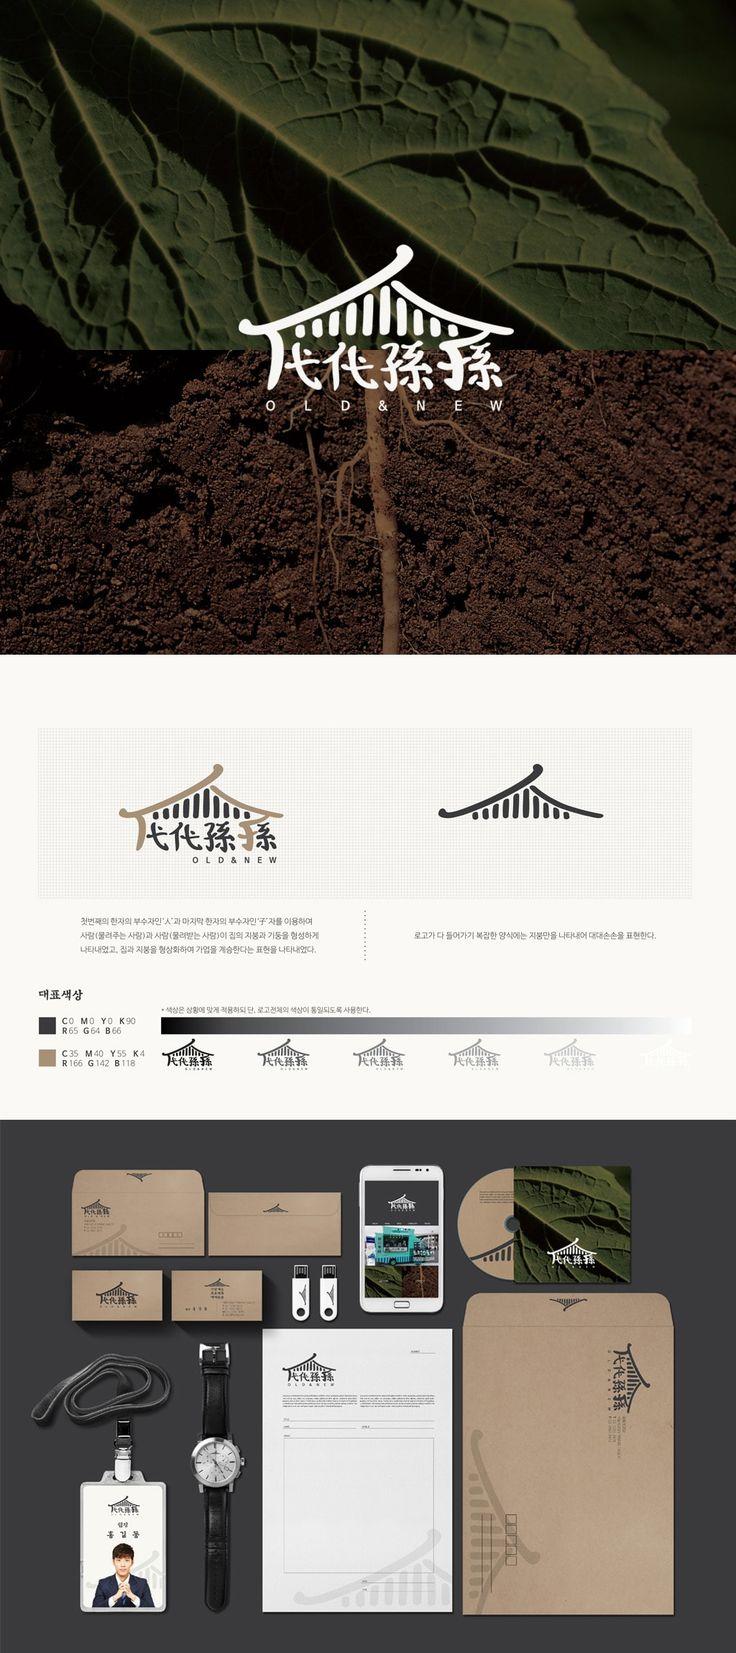 대대손손/ Design by vava1211/代의 부수자 人과 孫의 부수자 子를 이용하여 지붕과 기둥을 형상화함으로써 가업의 계승이라는 것을 시각화하여 표현한 로고디자인 #한자 #지붕 #기둥 #셀렉다이닝 #가업 #계승 #창업 #로고디자인 #로고 #디자인 #디자이너 #라우드소싱 #레퍼런스 #콘테스트 #logo #design #포트폴리오 #디자인의뢰 #공모전 #미니멀리즘 #맞팔 #심볼마크 #심볼 #일러스트 #작업 #color #타이포그래피 #아이콘 #곡선 #로고타입